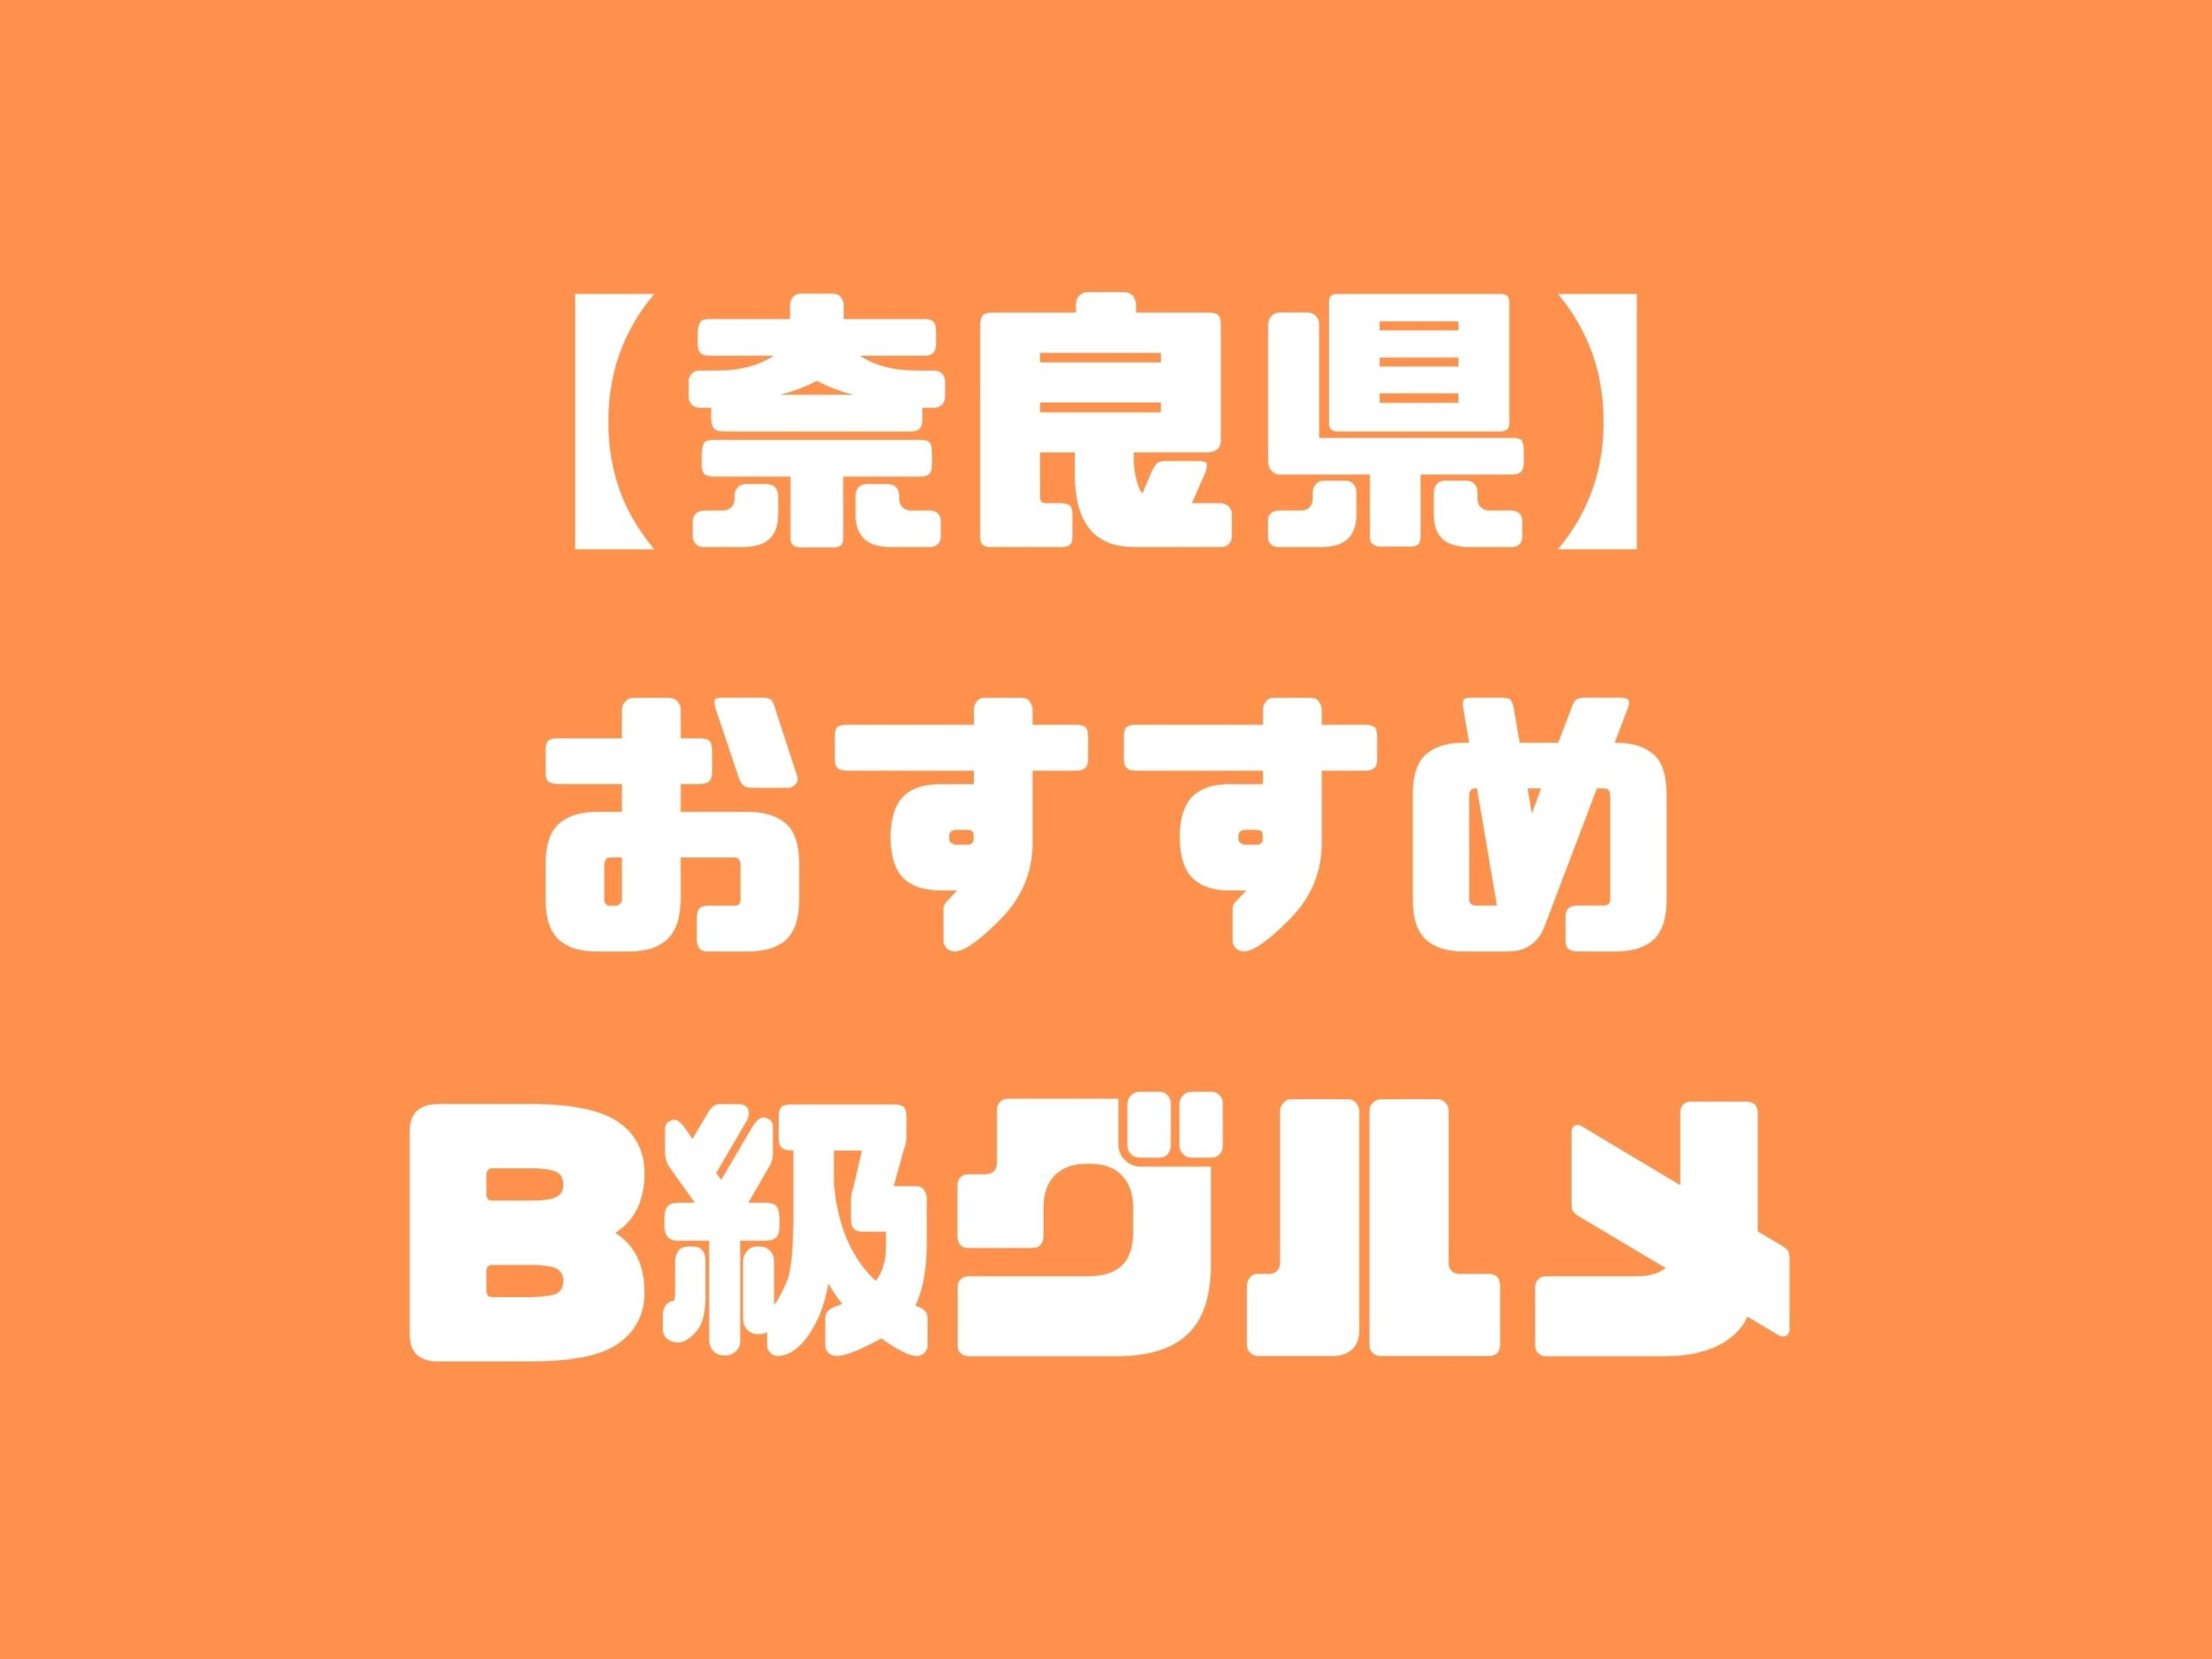 【奈良県版】秘密のケンミンSHOWまとめ